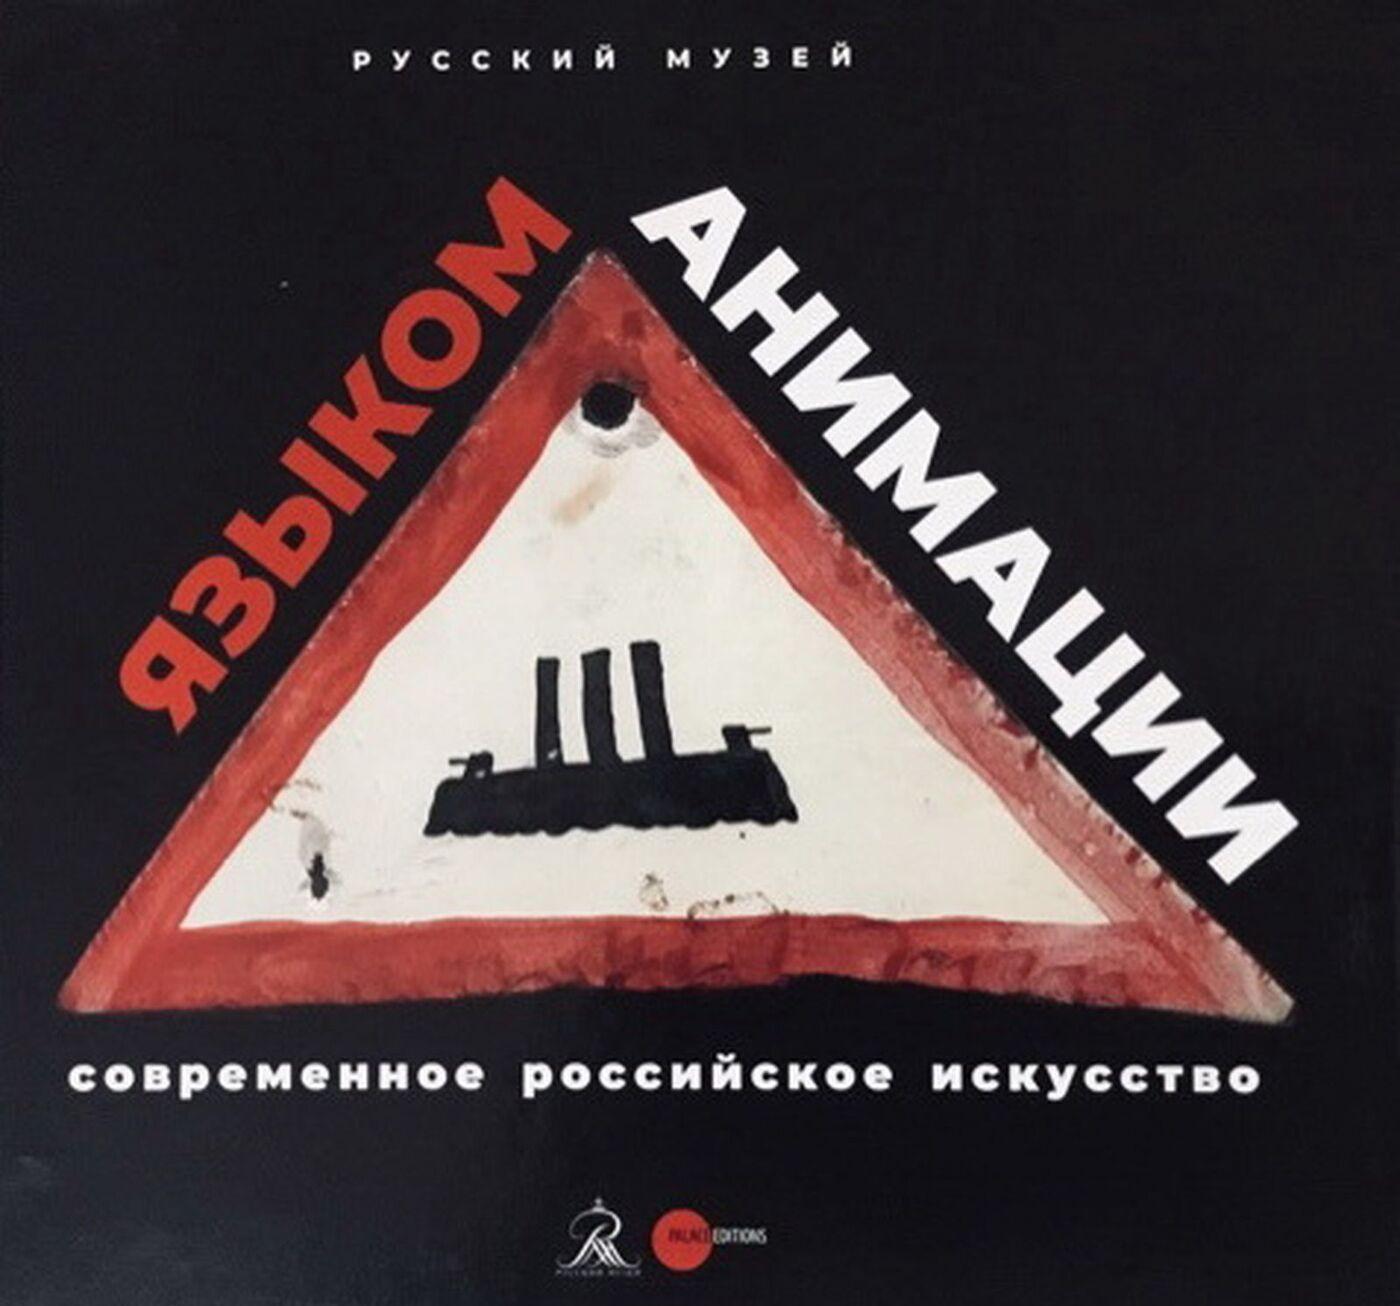 Sovremennoe rossijskoe iskusstvo - jazykom animatsii